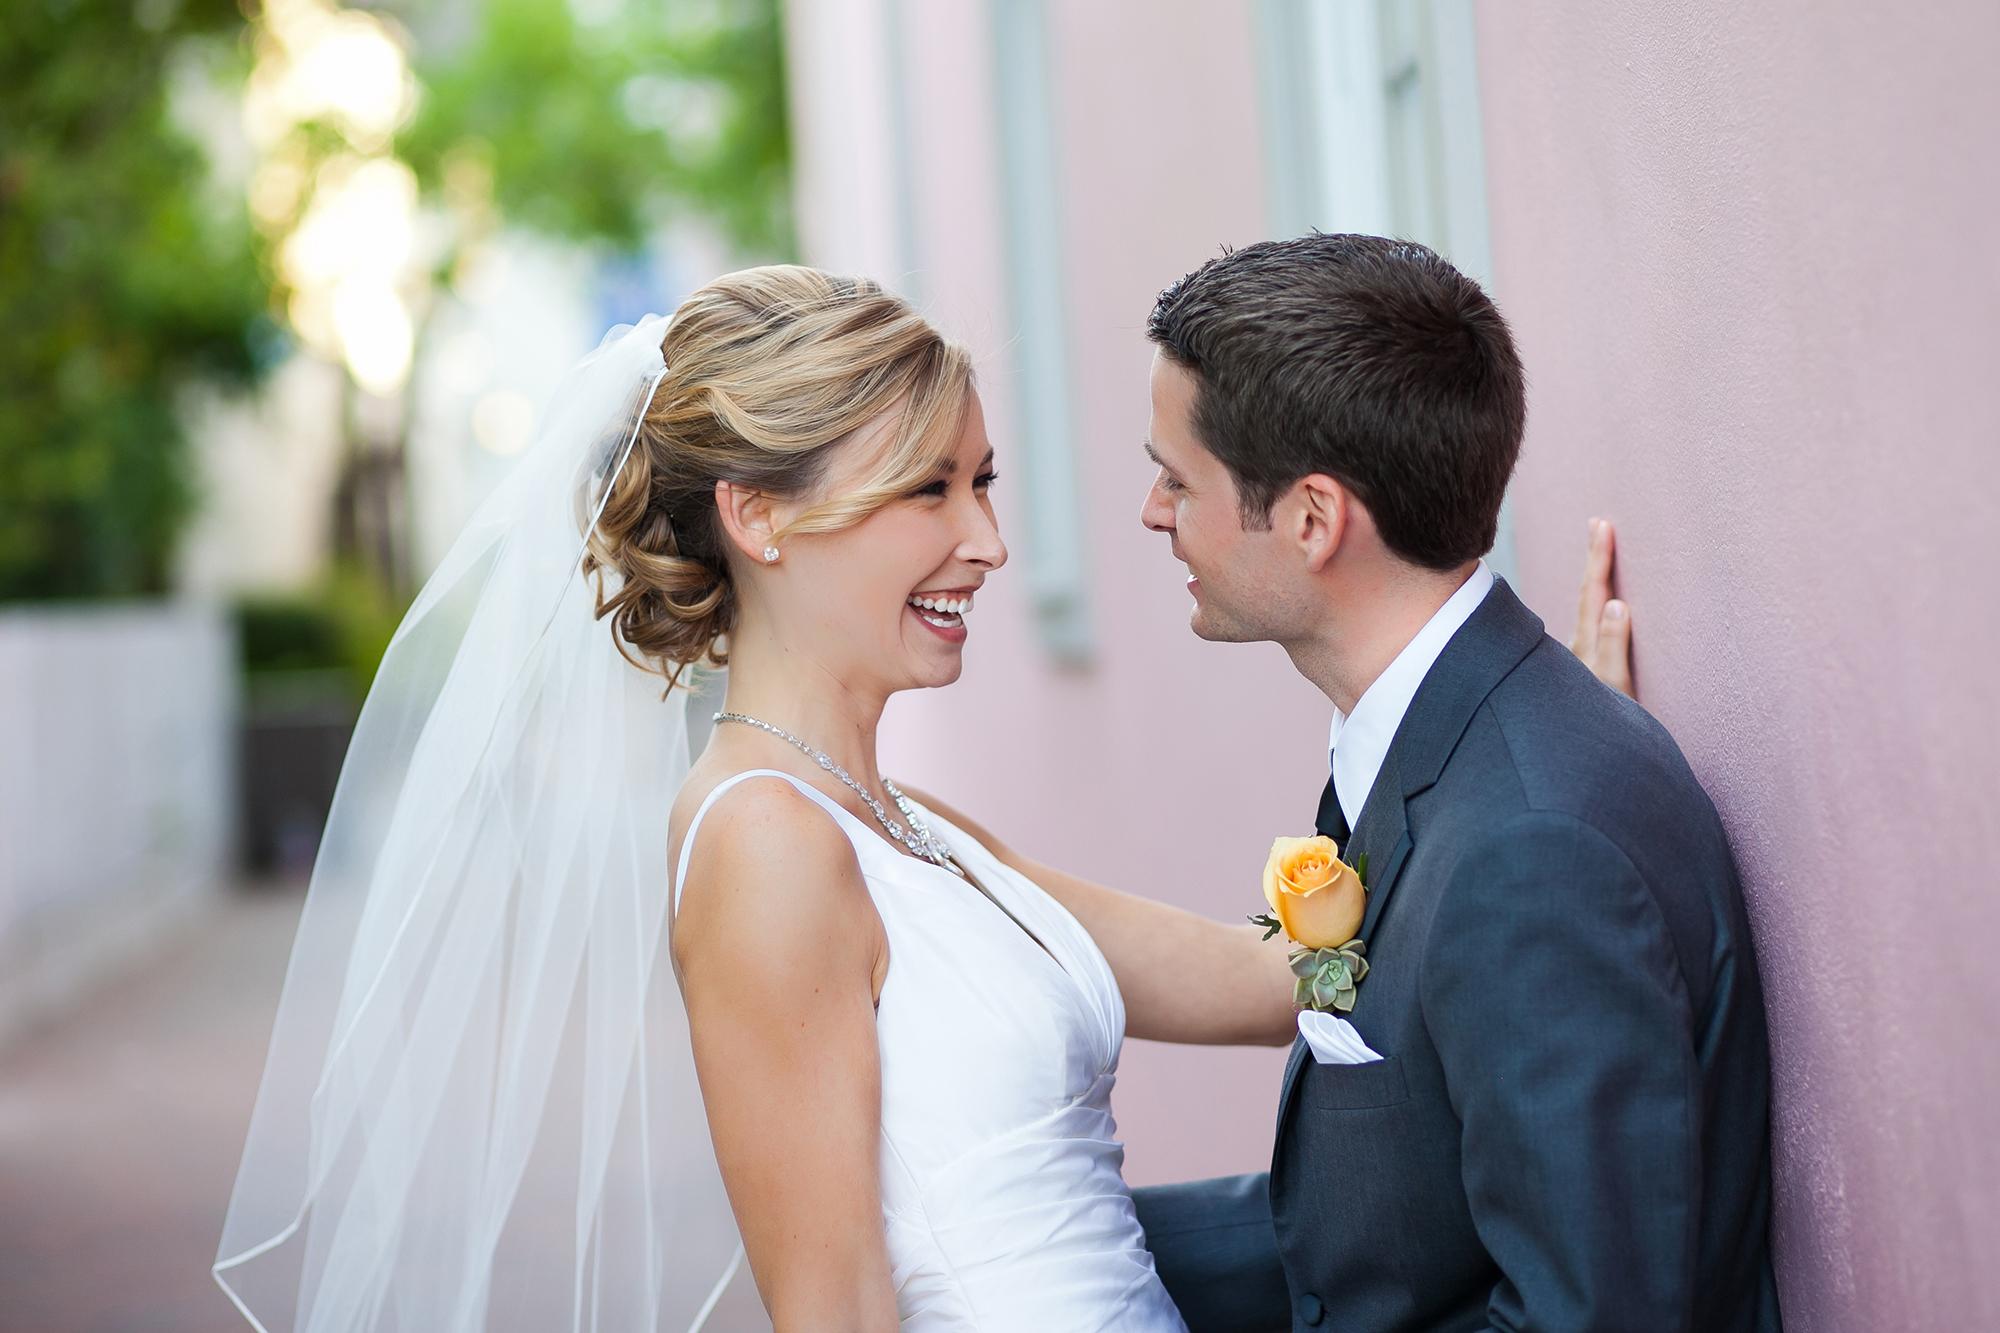 adam-szarmack-wedding-candid-laugh-bride-groom.jpg